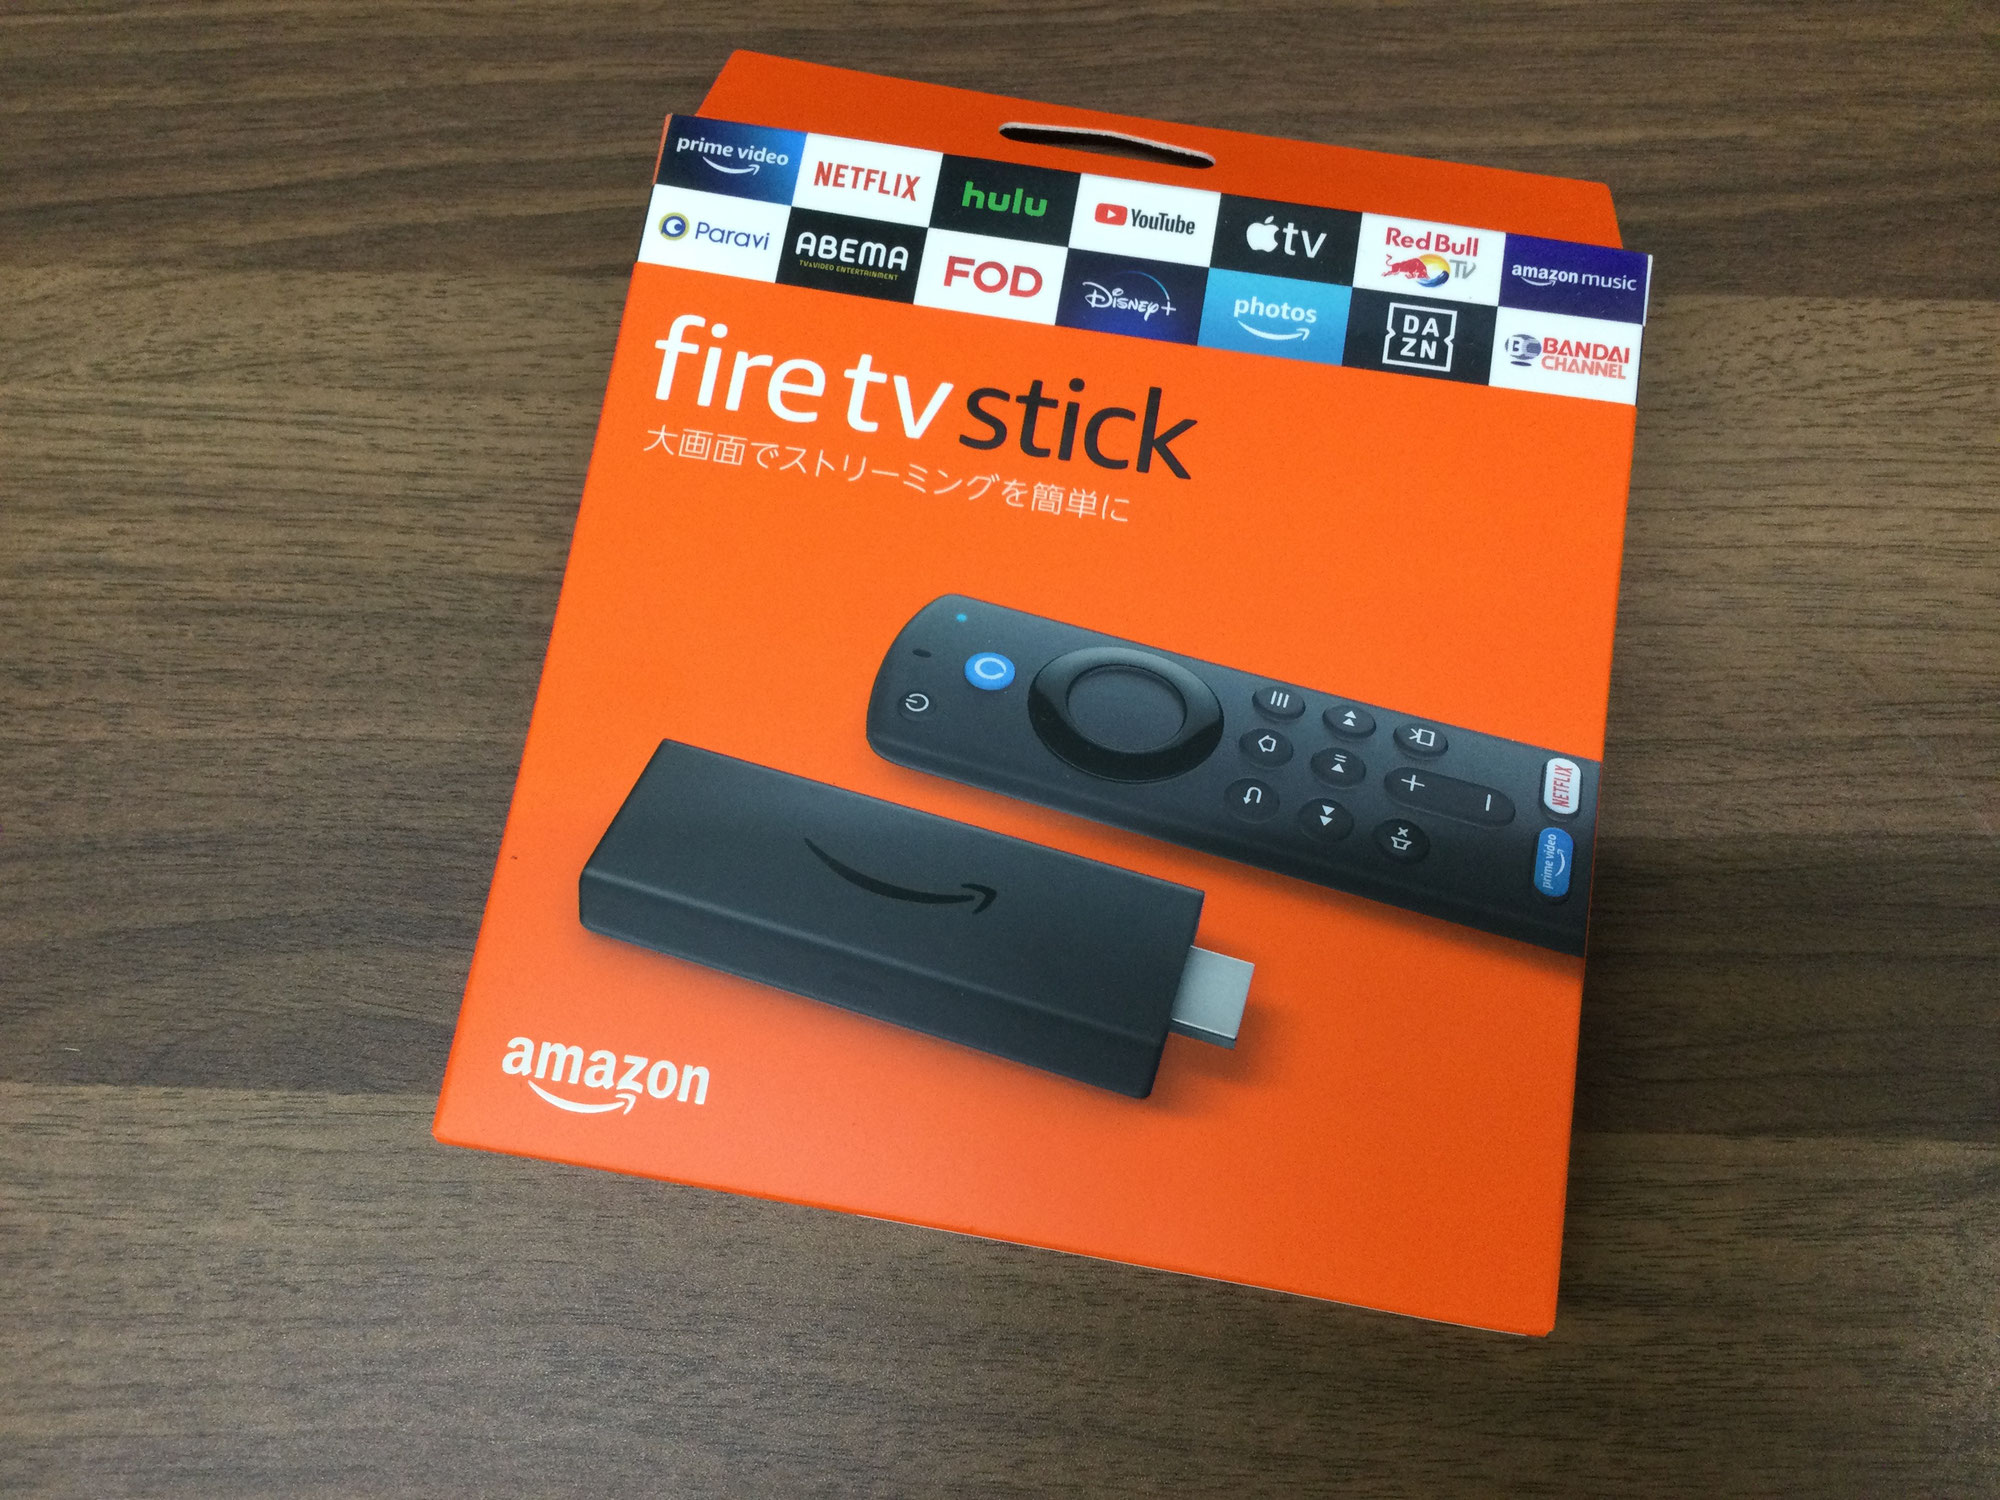 Fire TV Stickのリモコンでテレビが反応する場合はStick本体の電源を疑え